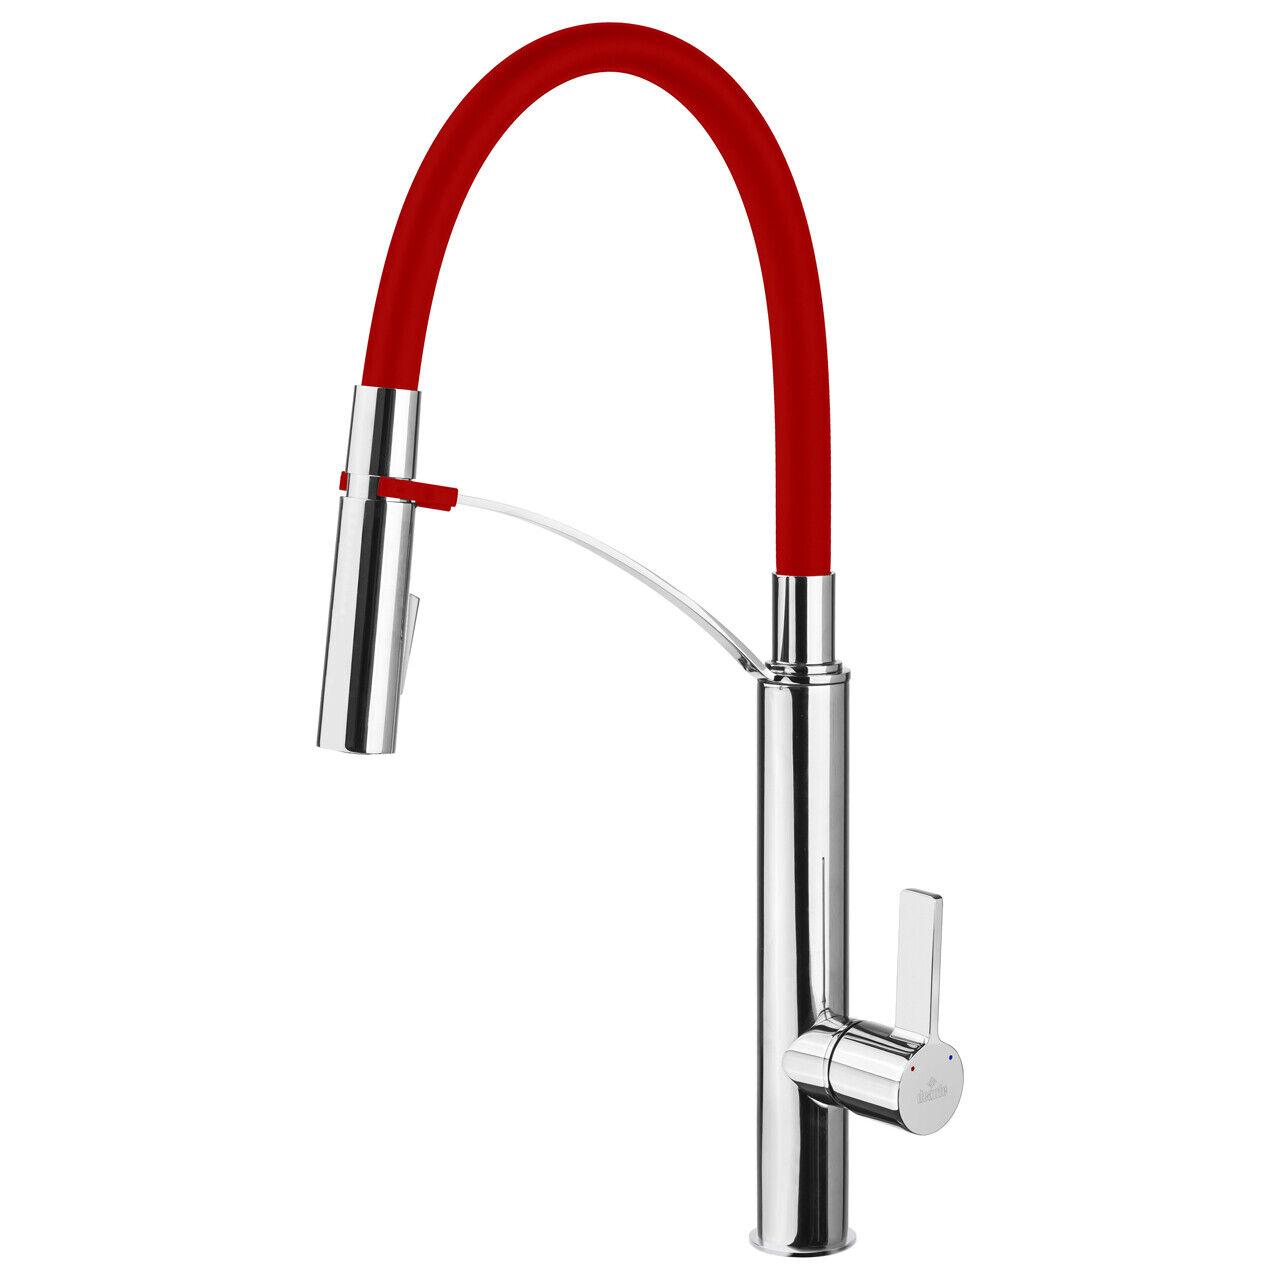 Designer Spültisch Küchenarmatur Mischbatterie - Chrom Rot - Flexible Brause